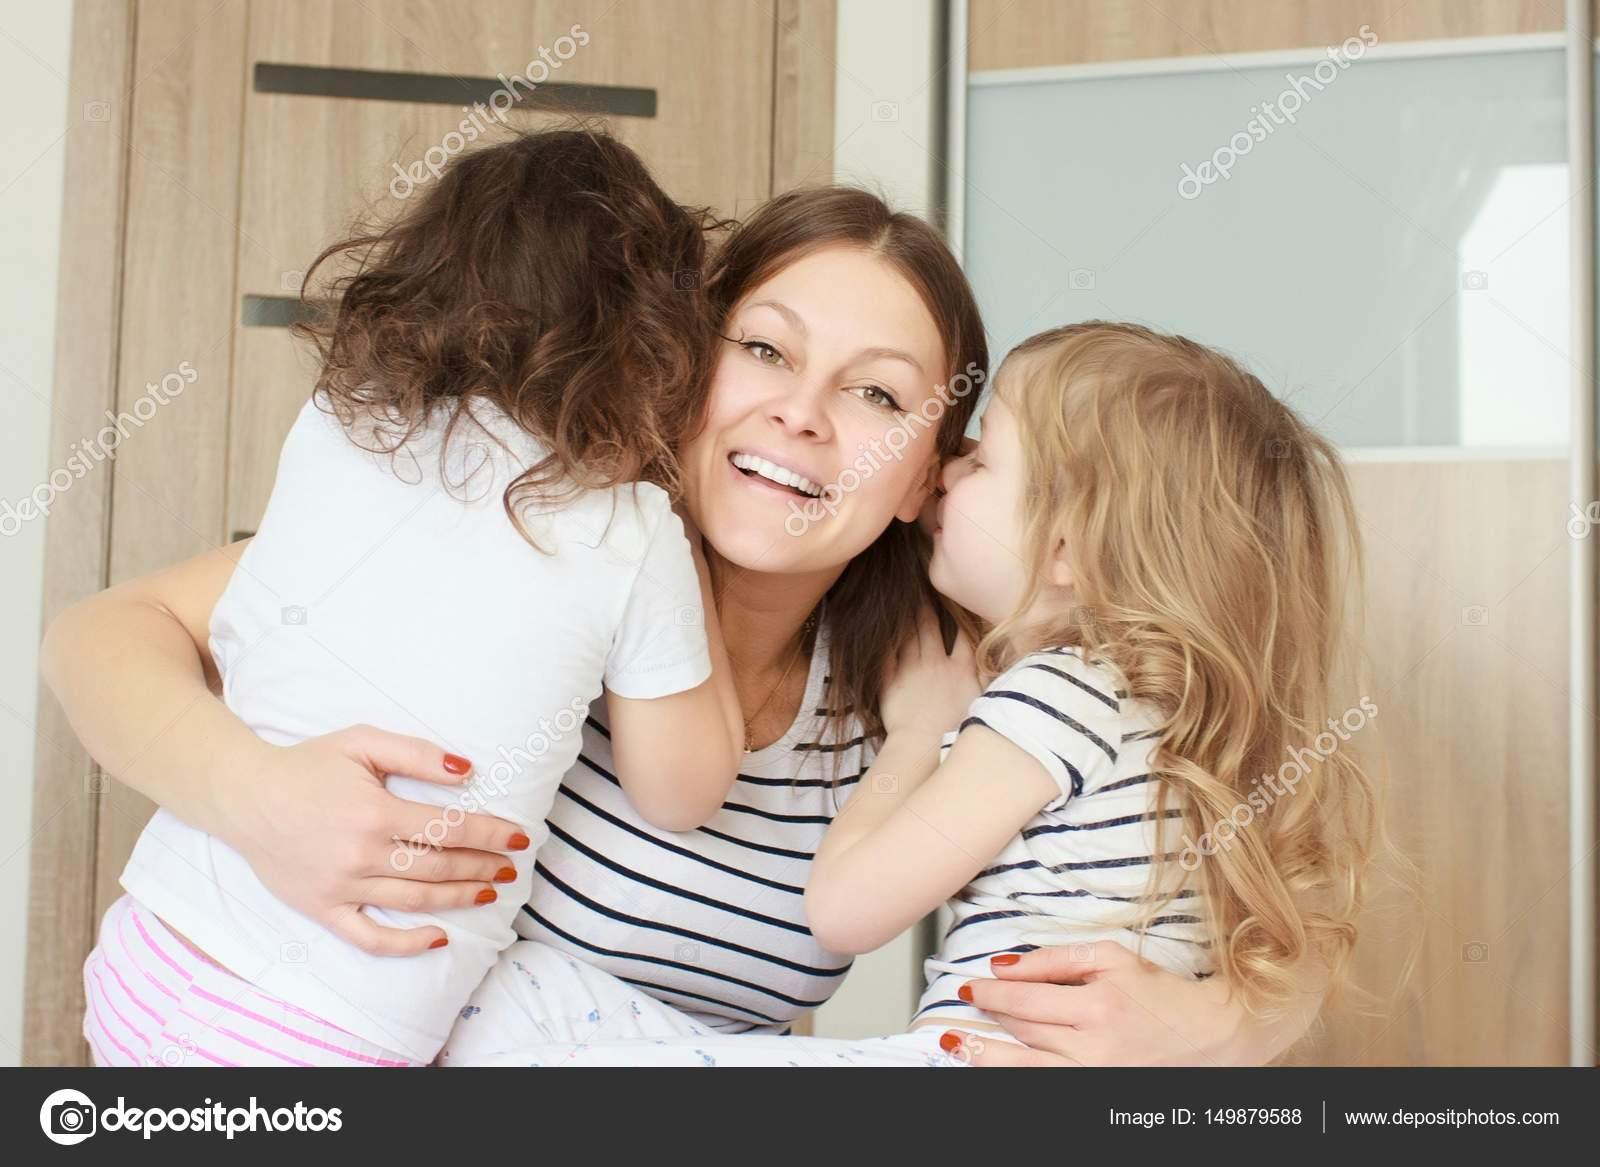 Трахает дочку и ее подругу, Отец трахнул молодую дочь вместе с подружкой 18 фотография